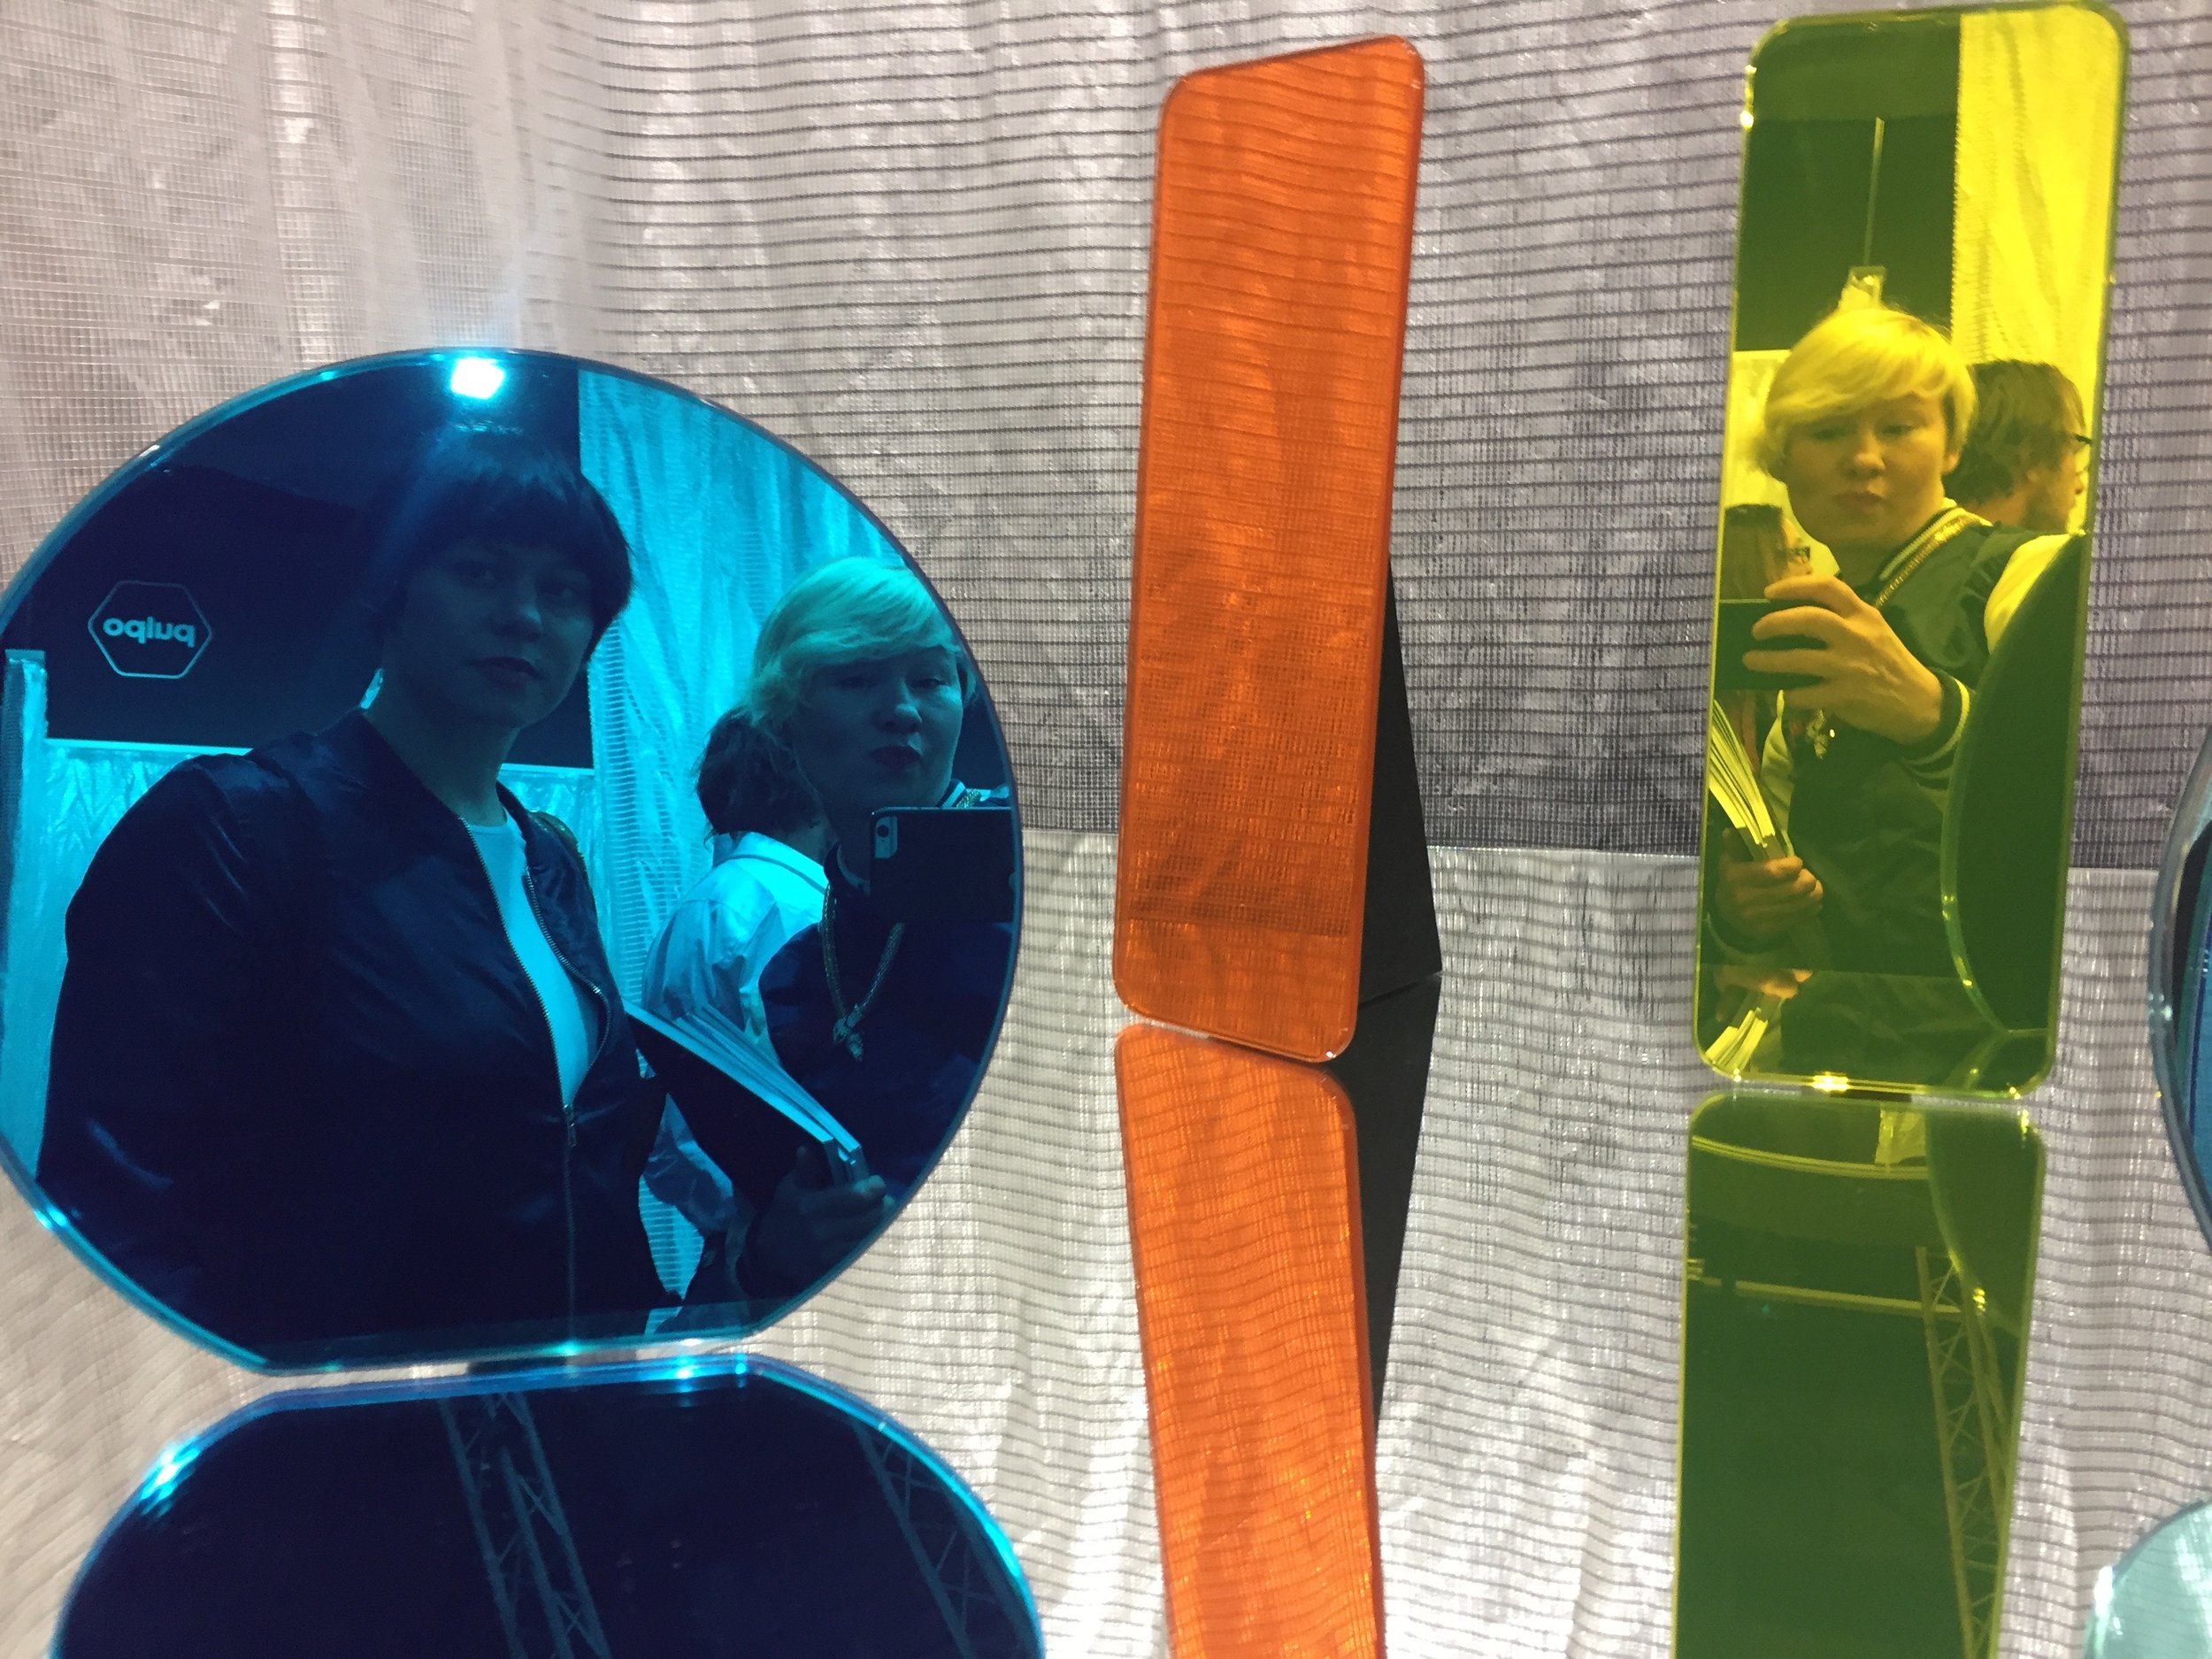 G+S diesjähriges Spiegel-Selfie @ Pulpo